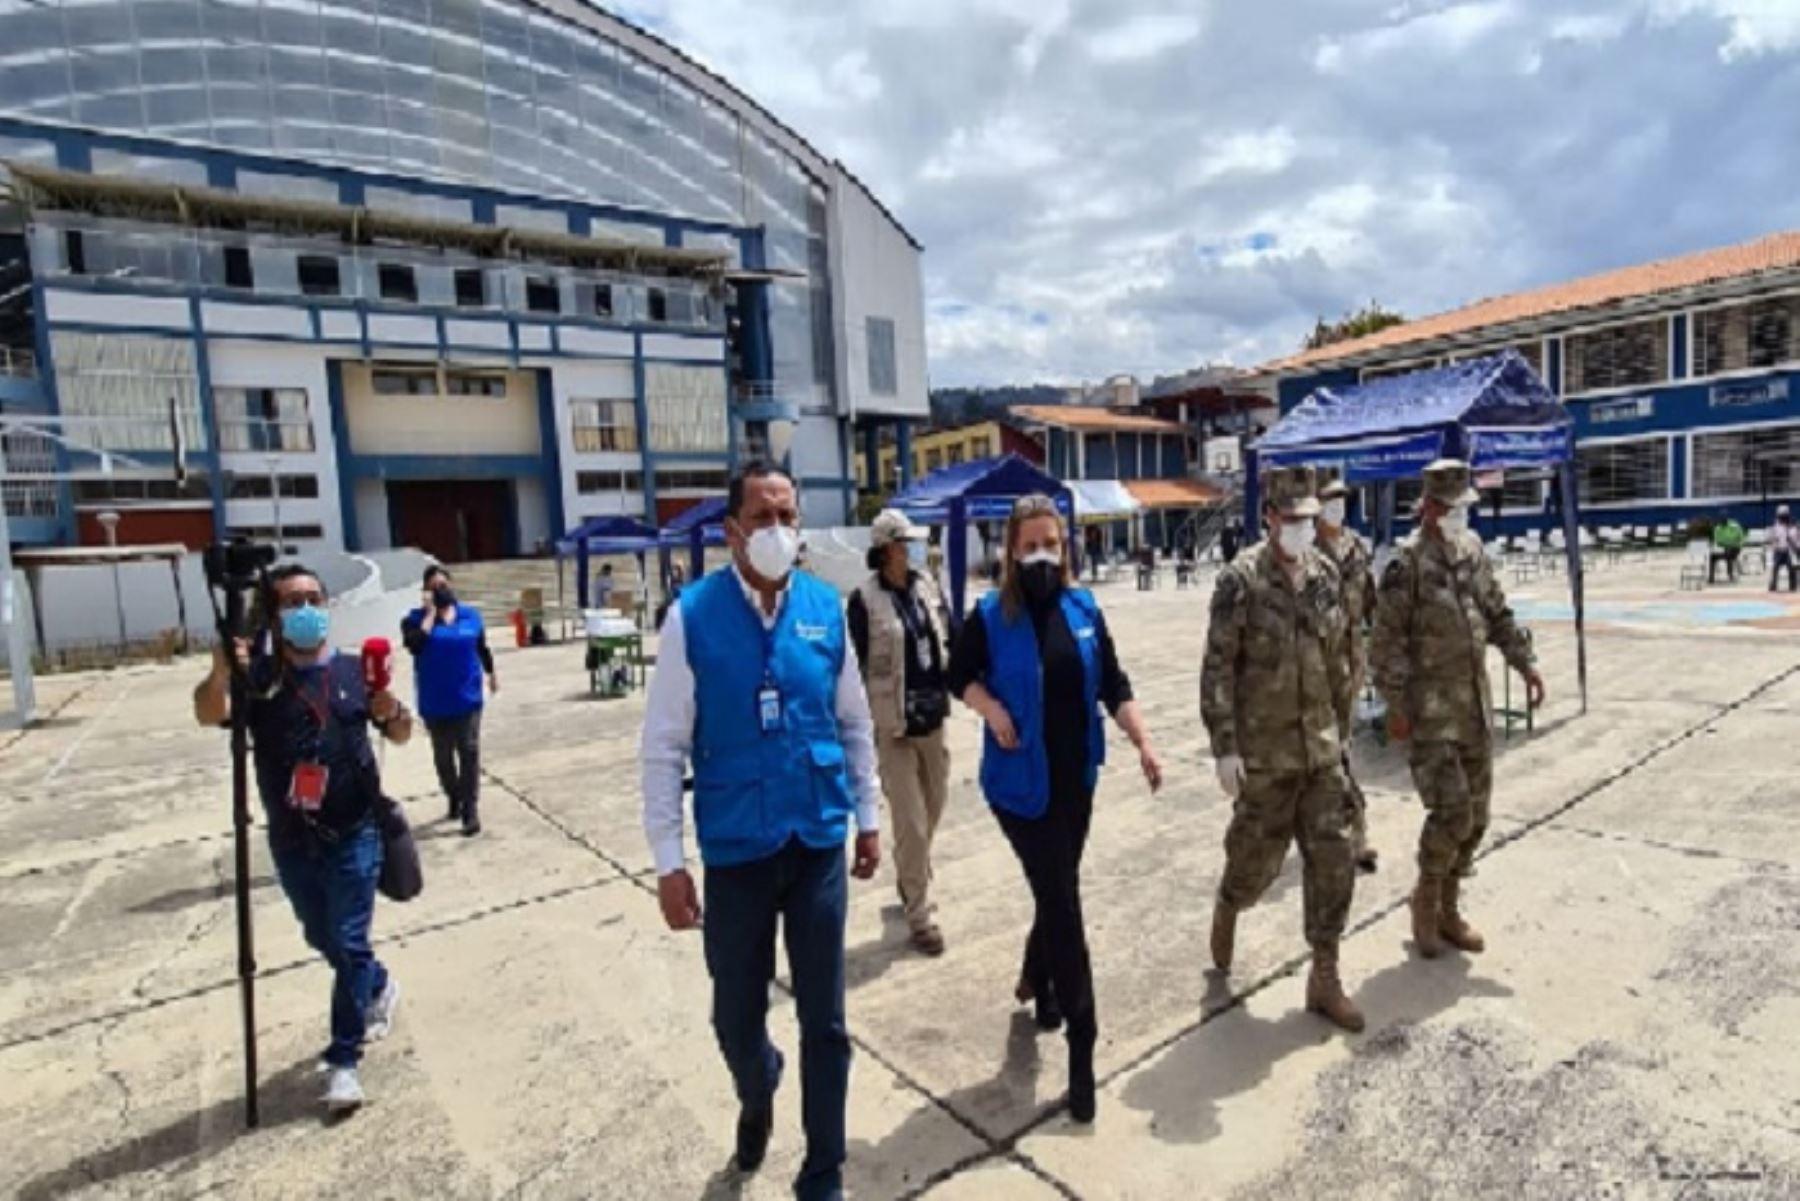 Este año se iniciará el proceso de adjudicación para la construcción del nuevo hospital de Cajamarca, cuyo expediente técnico ya fue aprobado.